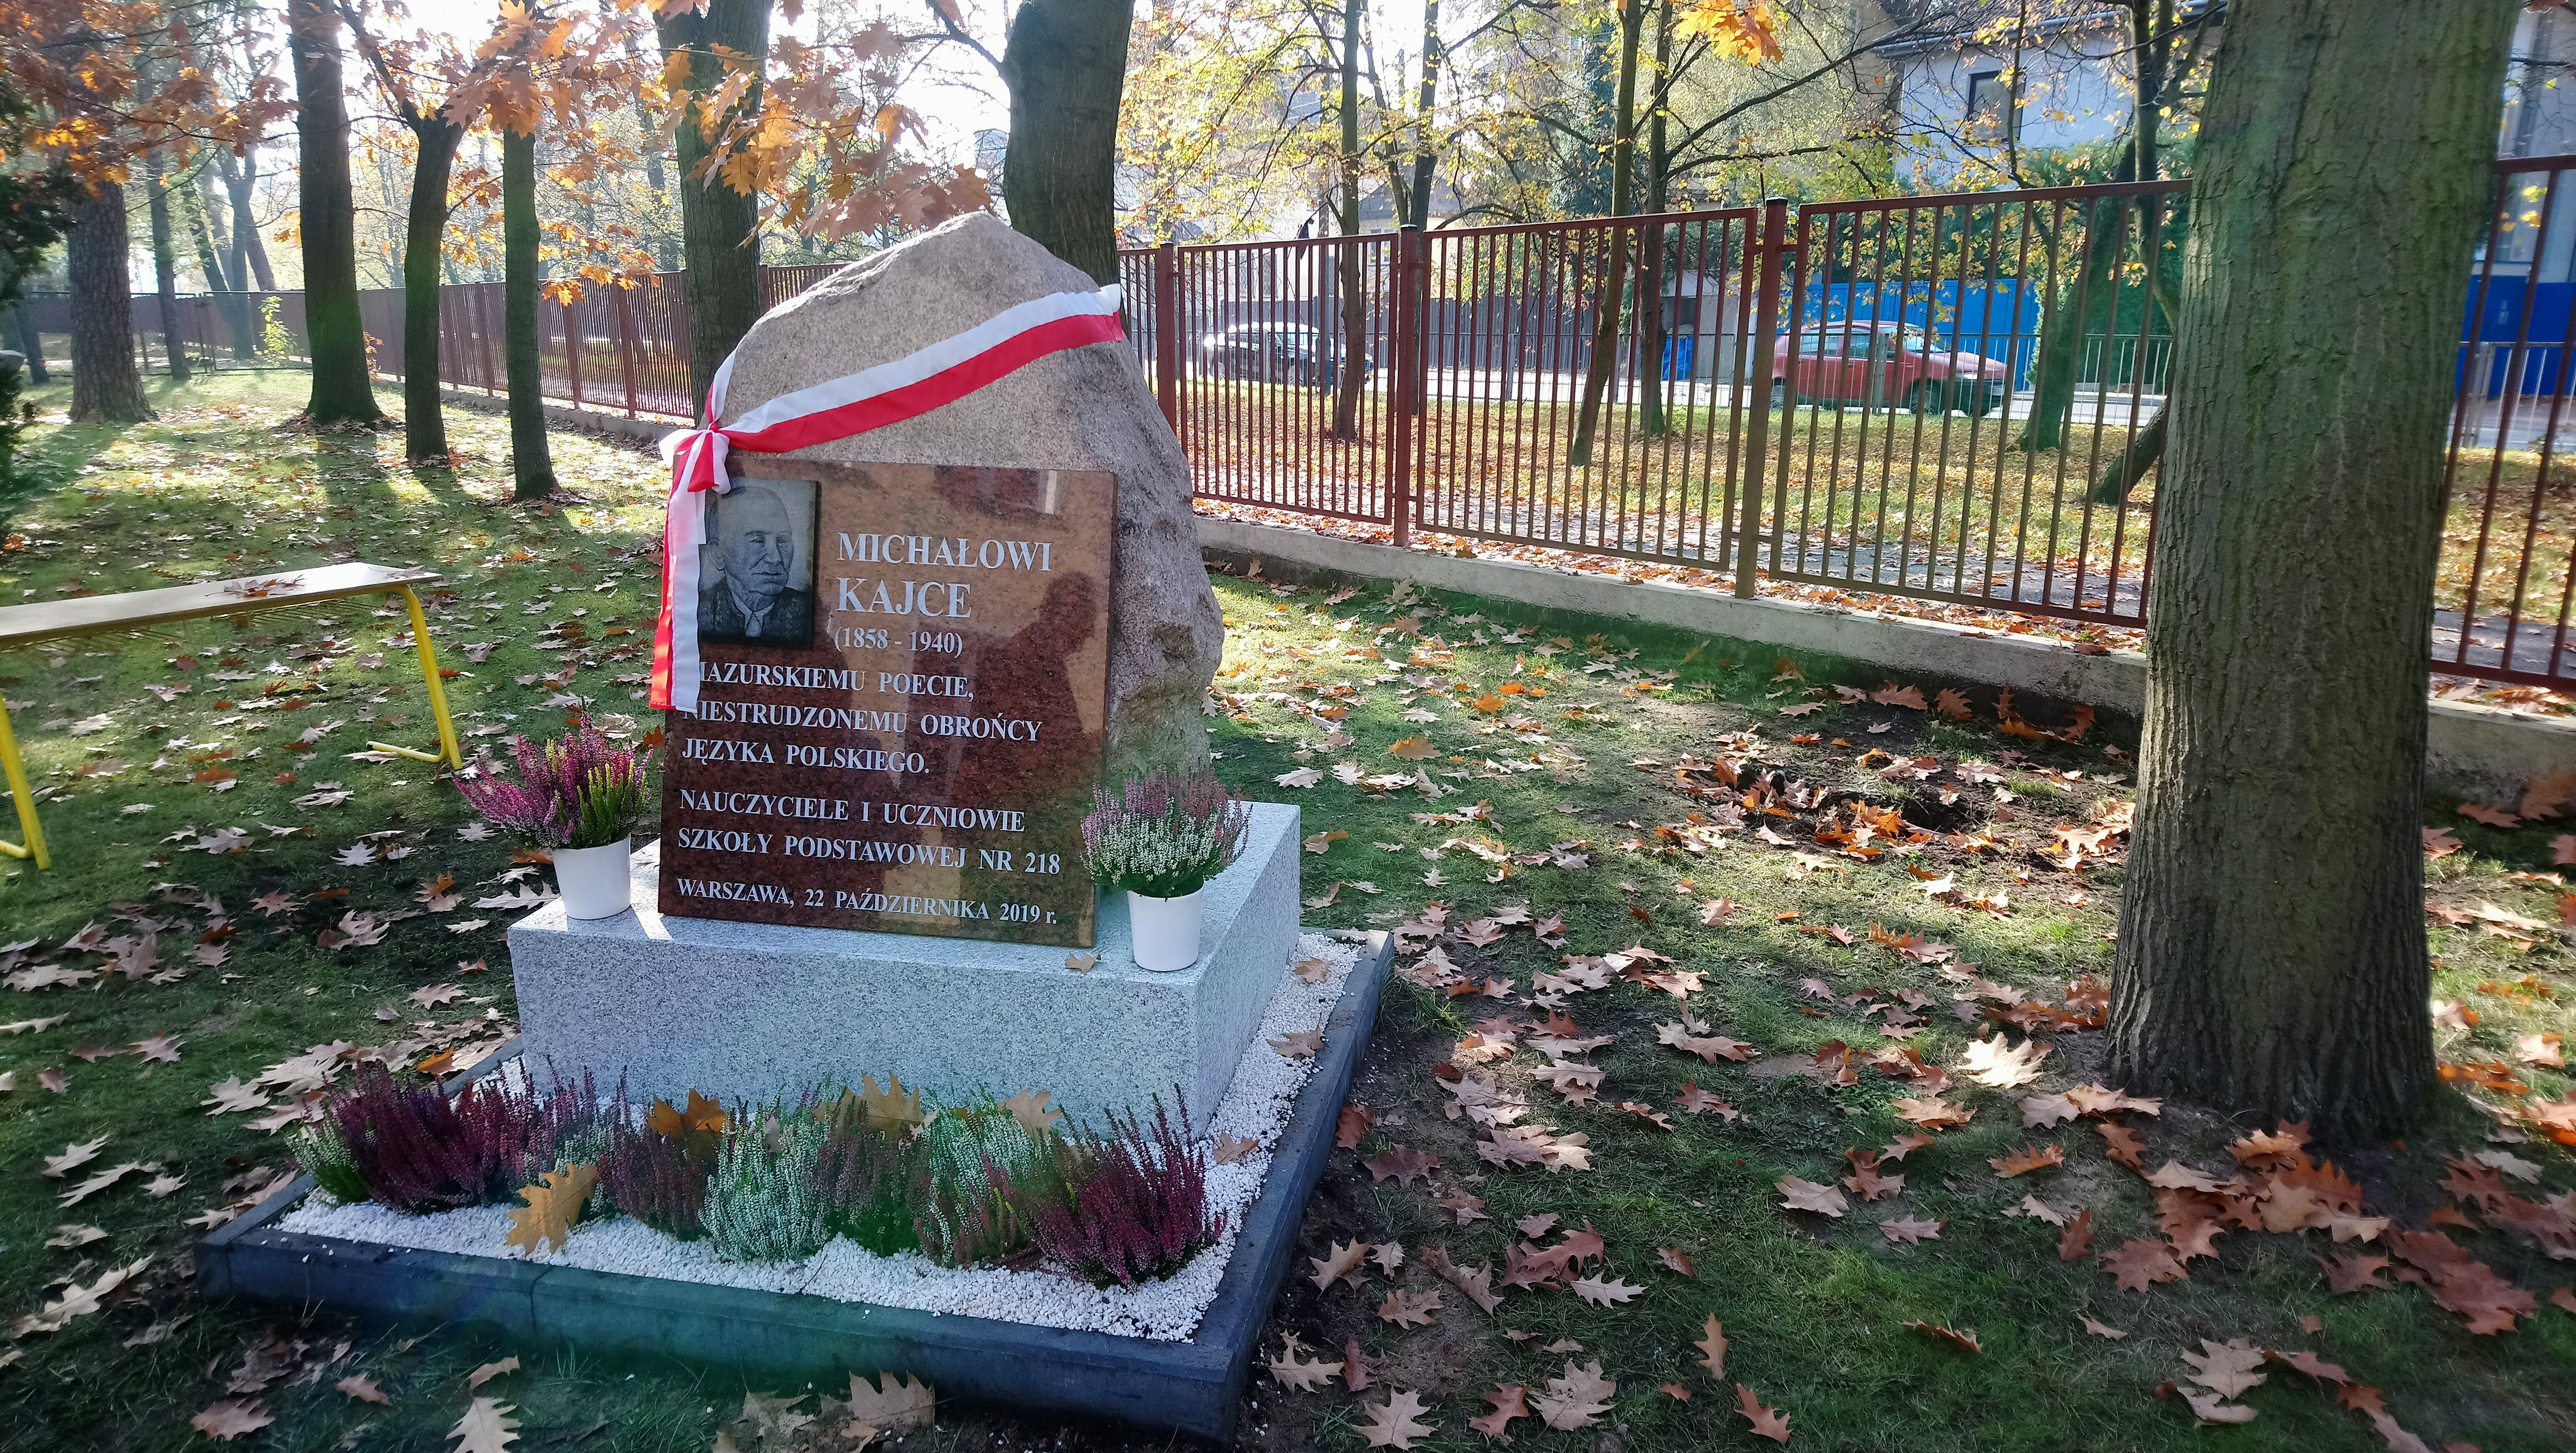 Odsłonięcie tablicy upamiętniającej Michała Kajkę